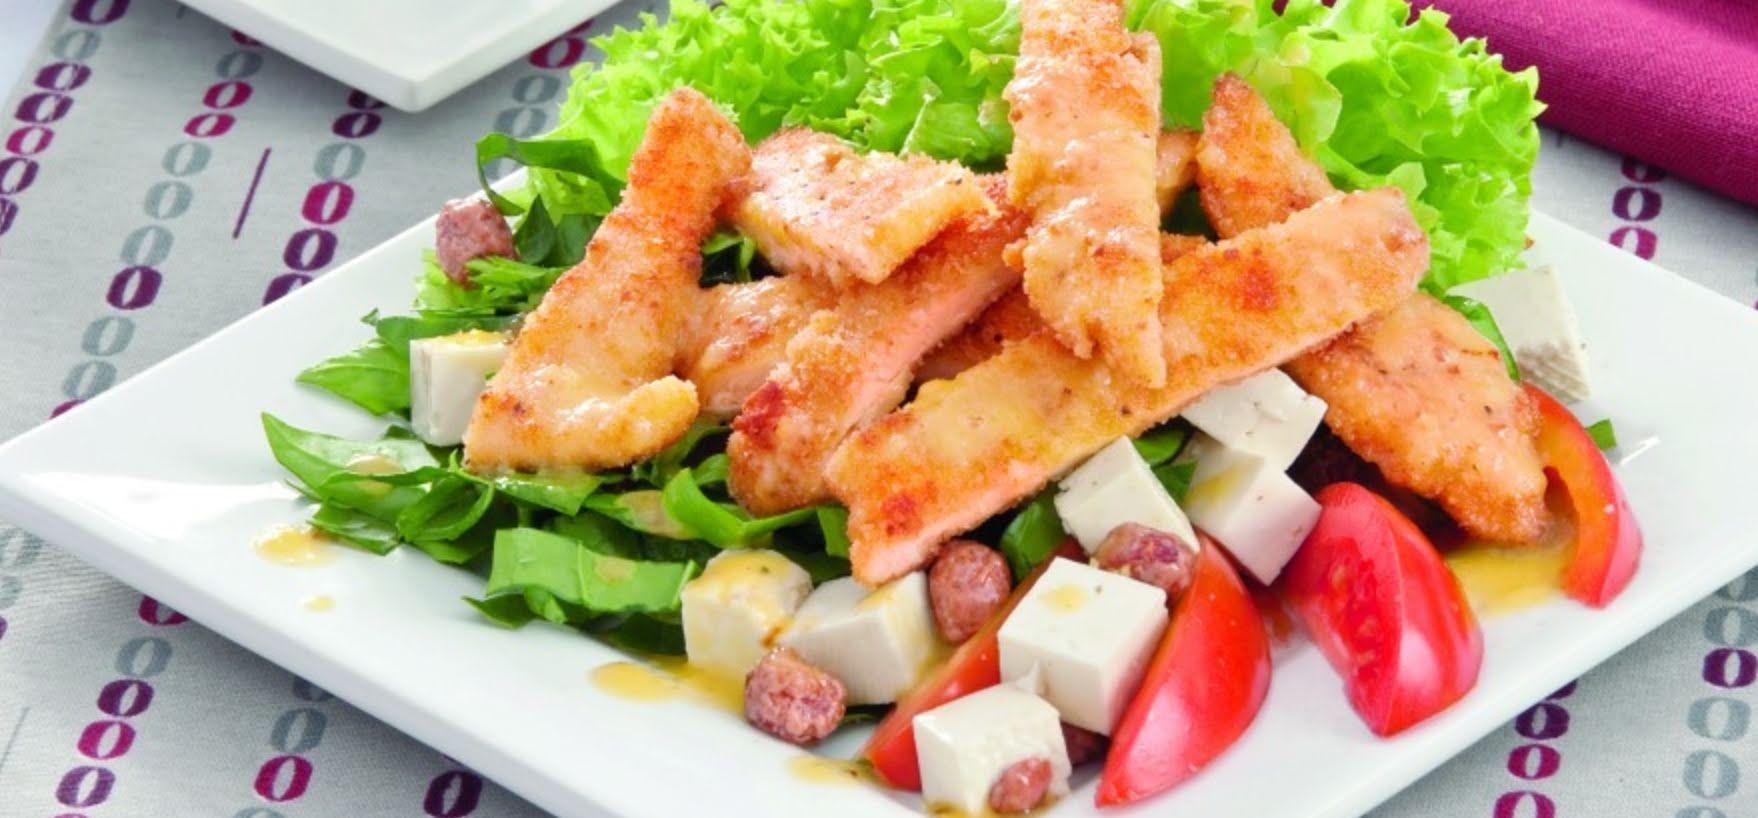 Ensalada de pollo con queso panela y aceite de oliva